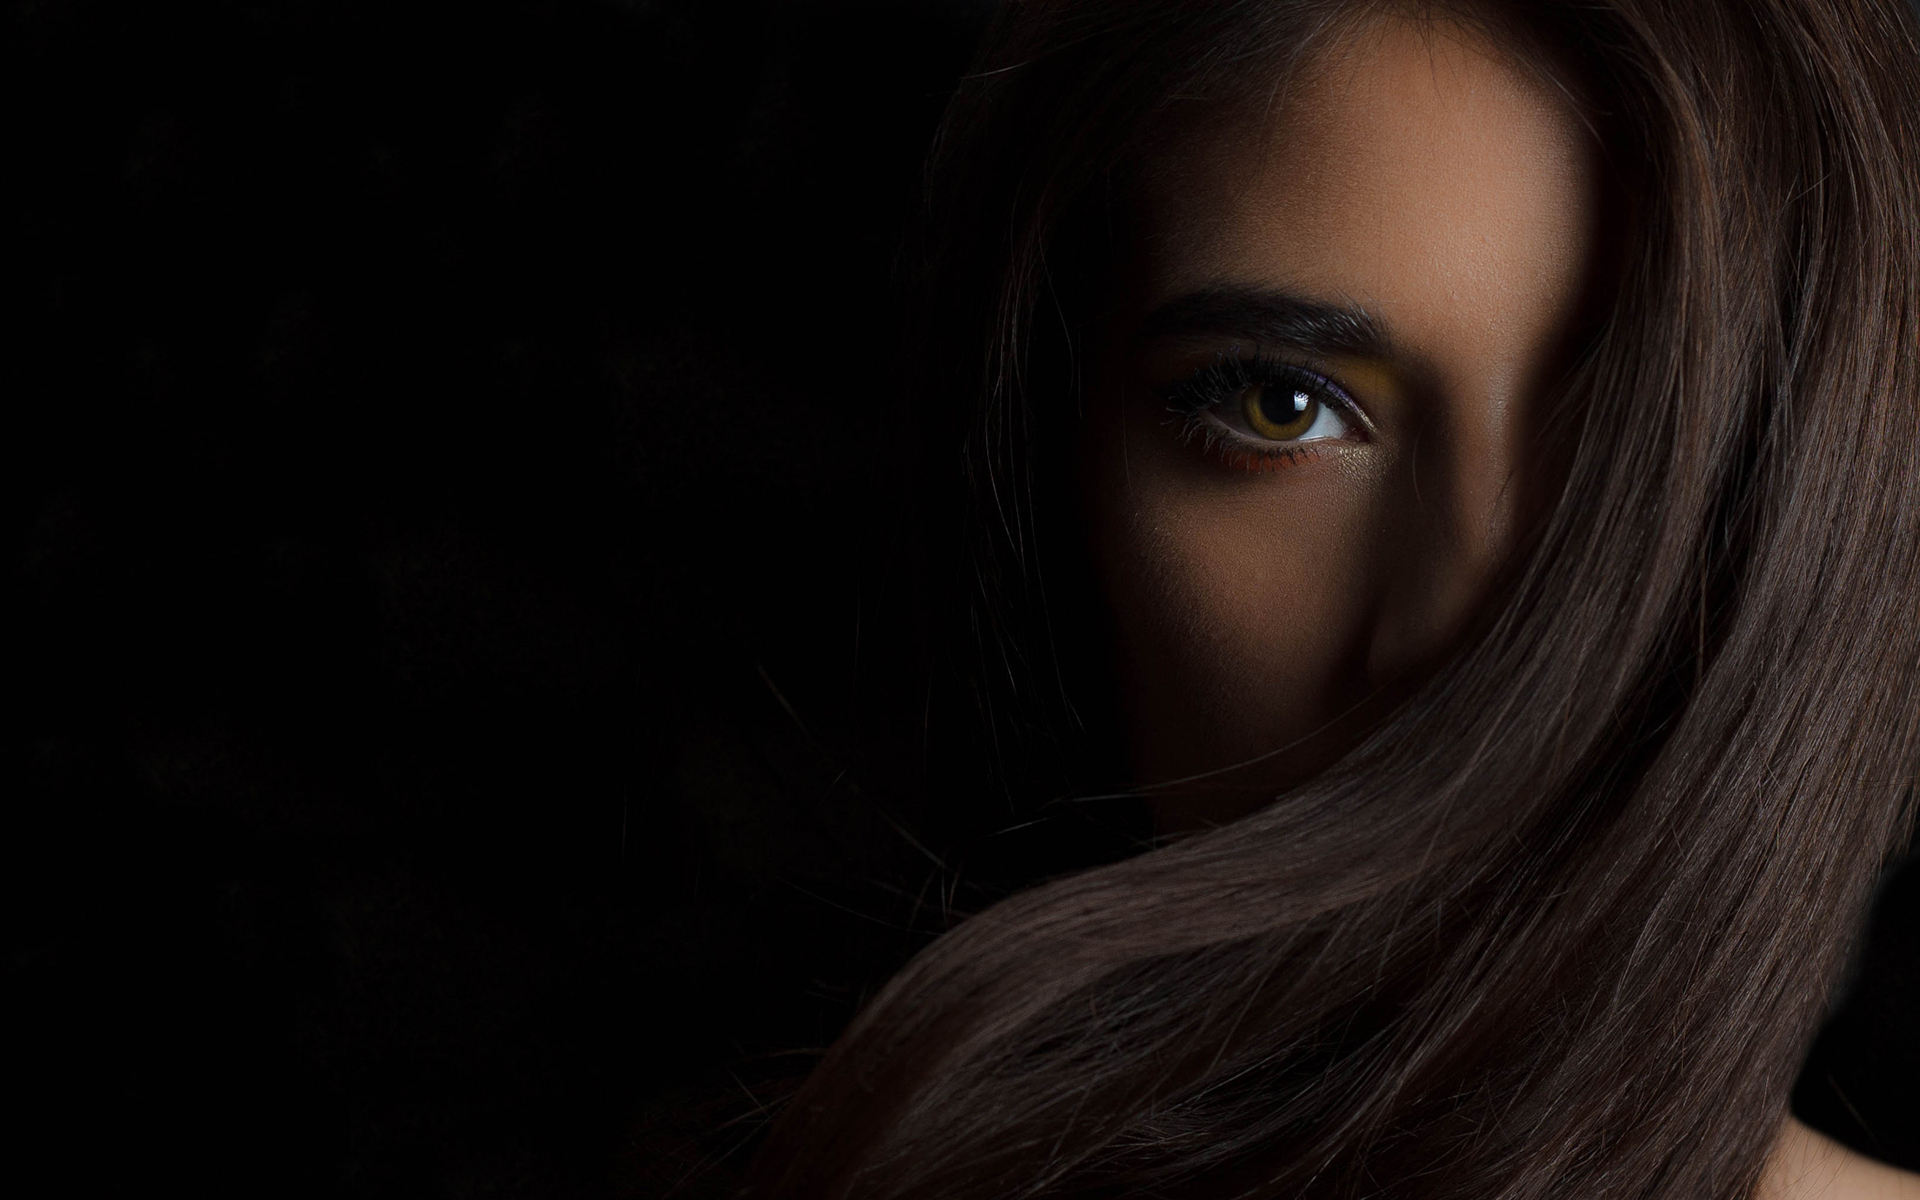 фотки девушек з темным цветом волос полуголая кто помнит знаменитый